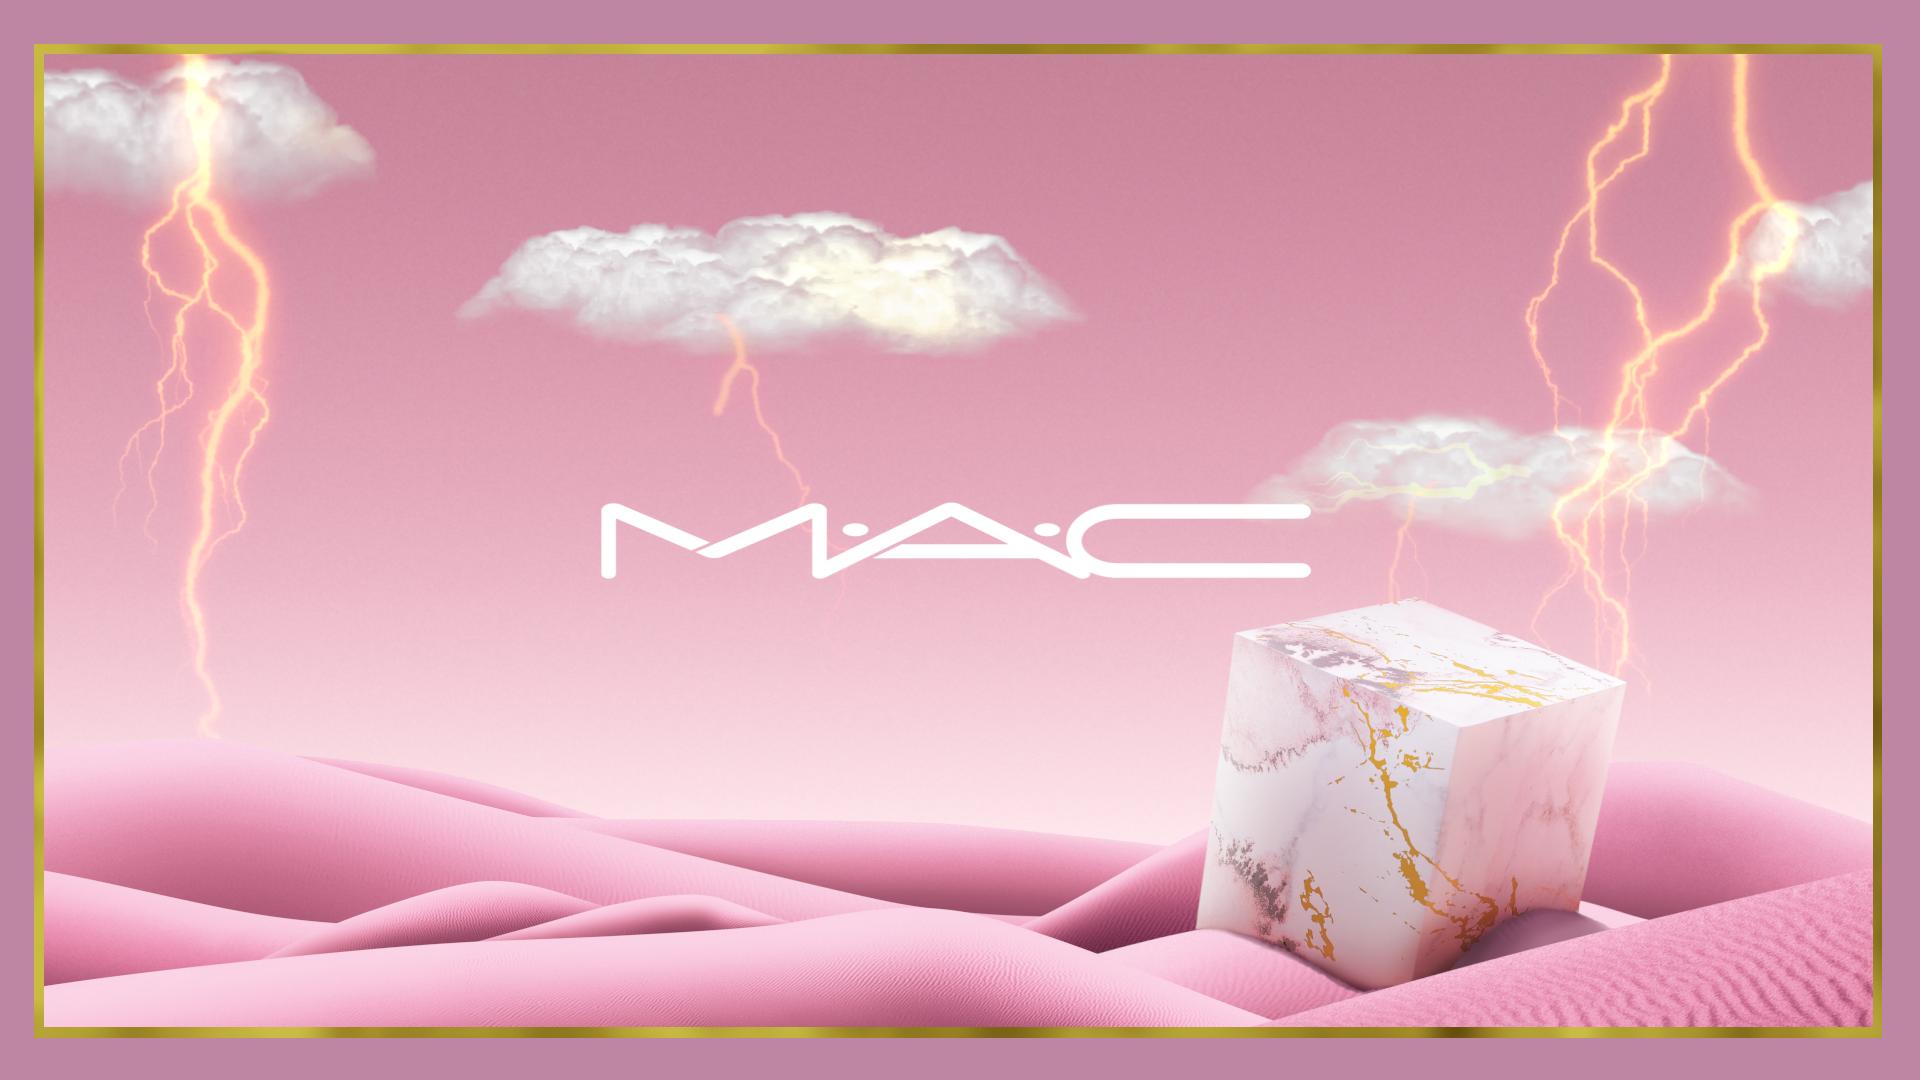 MAC_SUMMER_2019_BRONZING_B+P_15_16-9_v07_0375.png